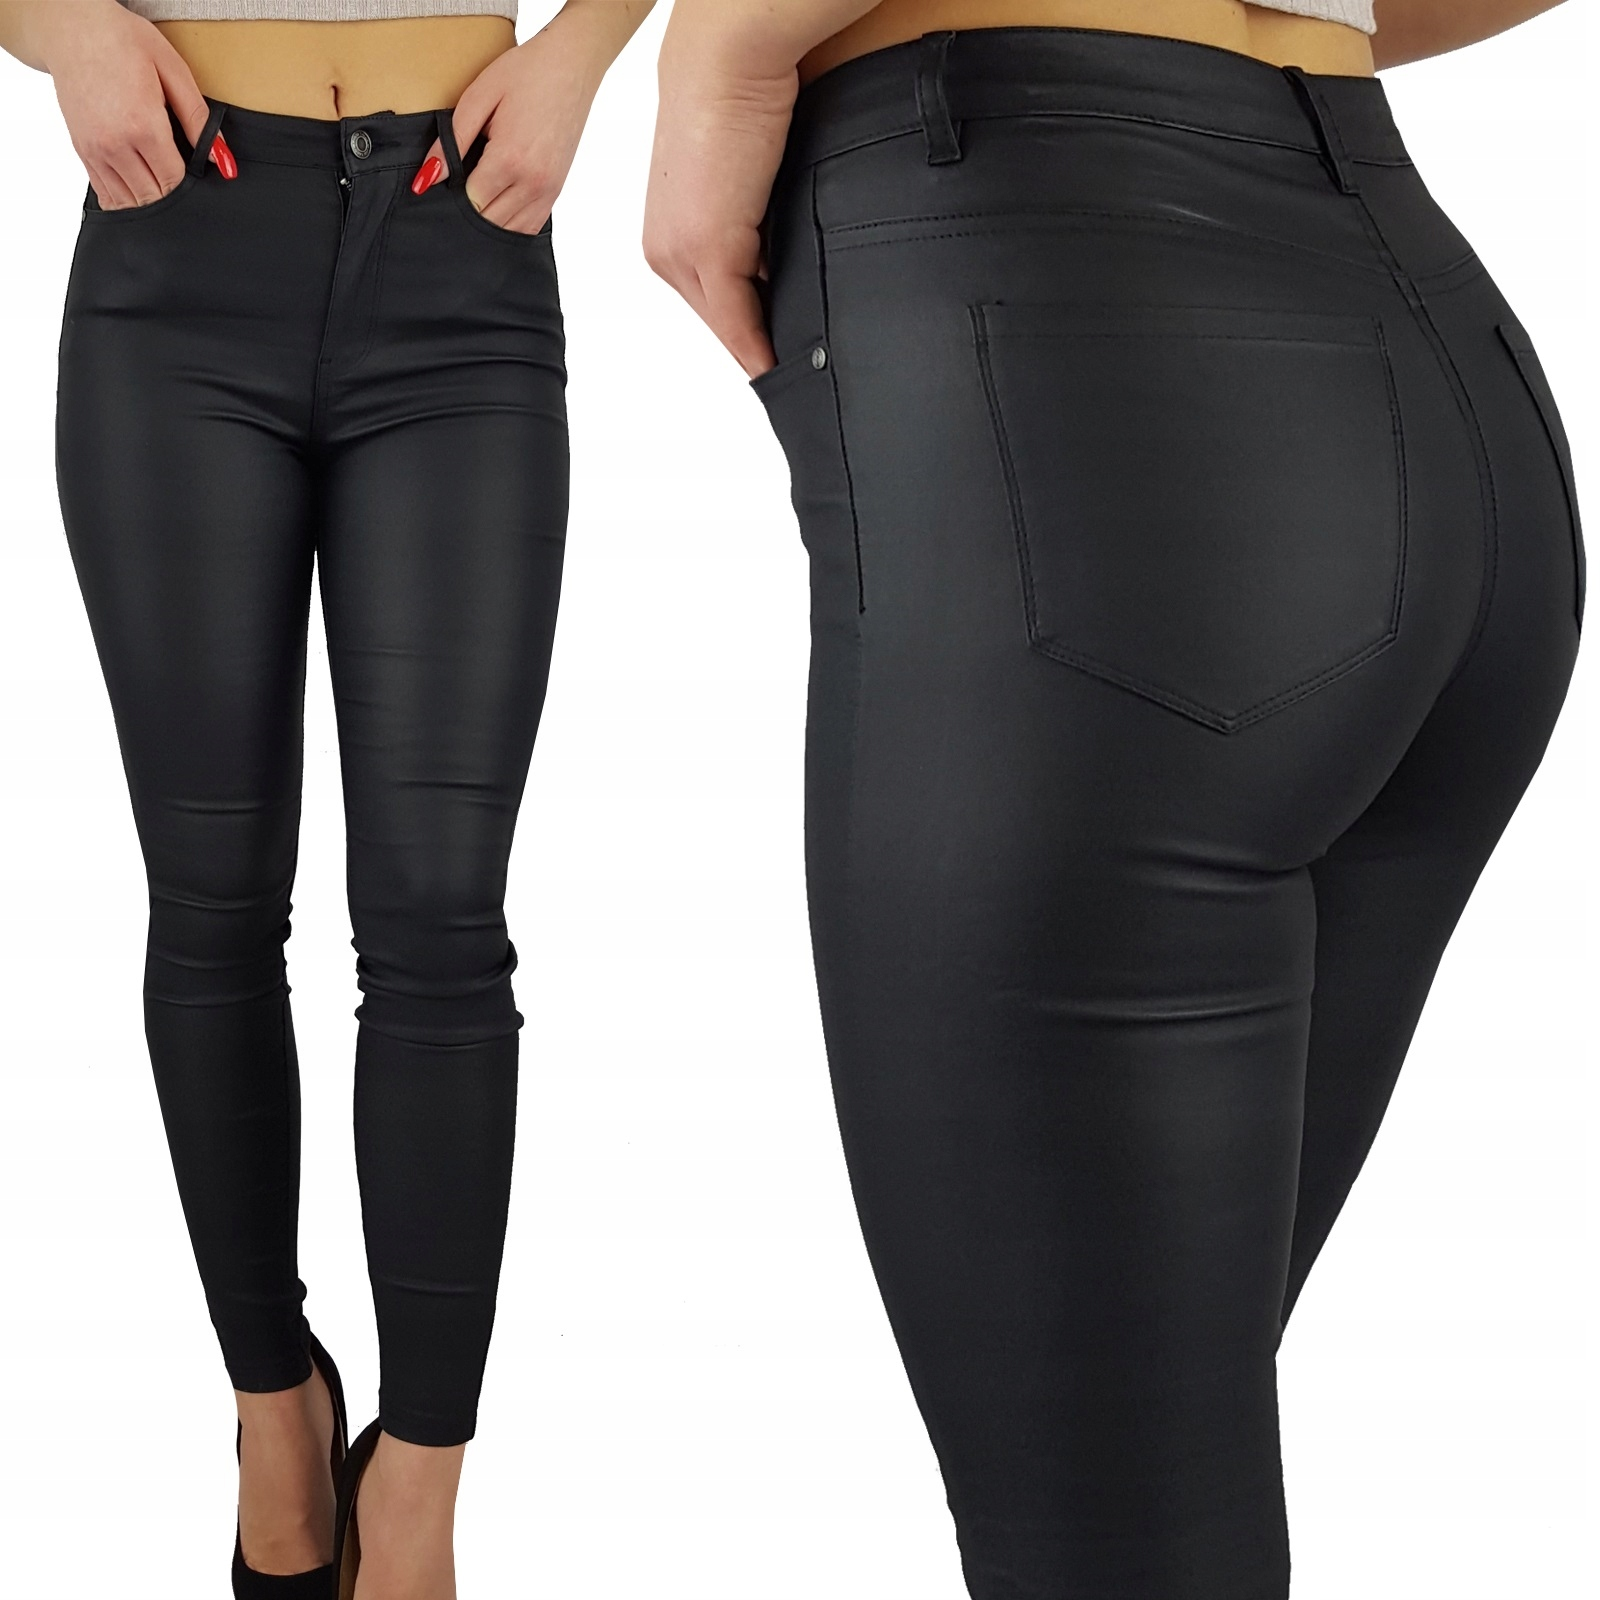 Spodnie Modelujące Woskowane Skóra Black Matowe